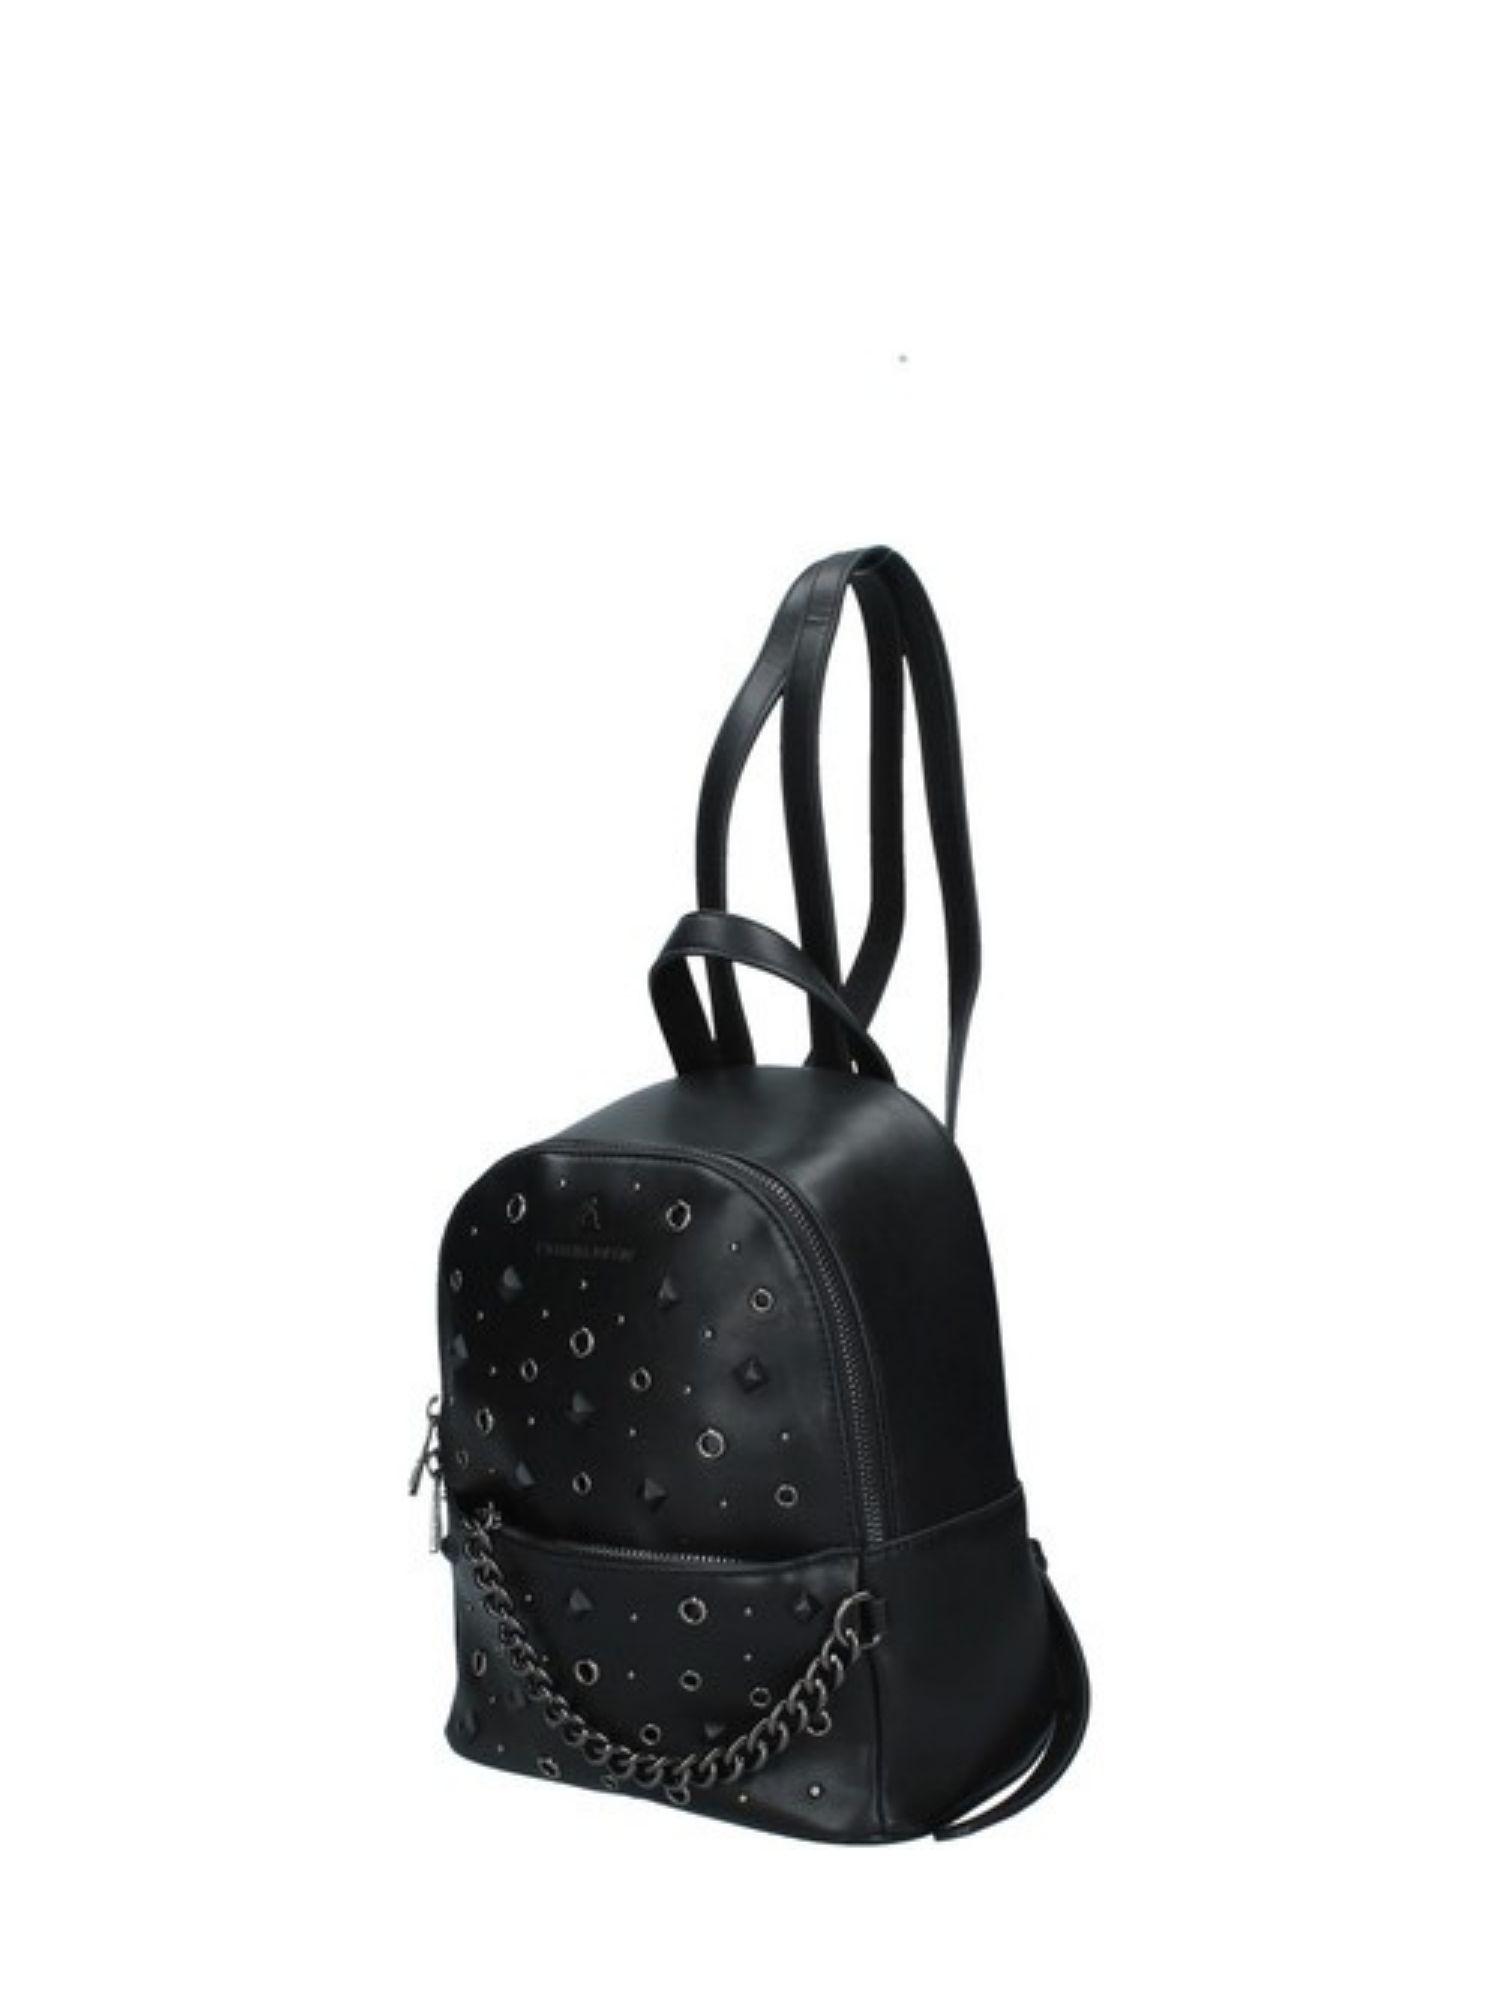 Zaino Atelier Du Sac Pash Bag 10940 nero 2 2